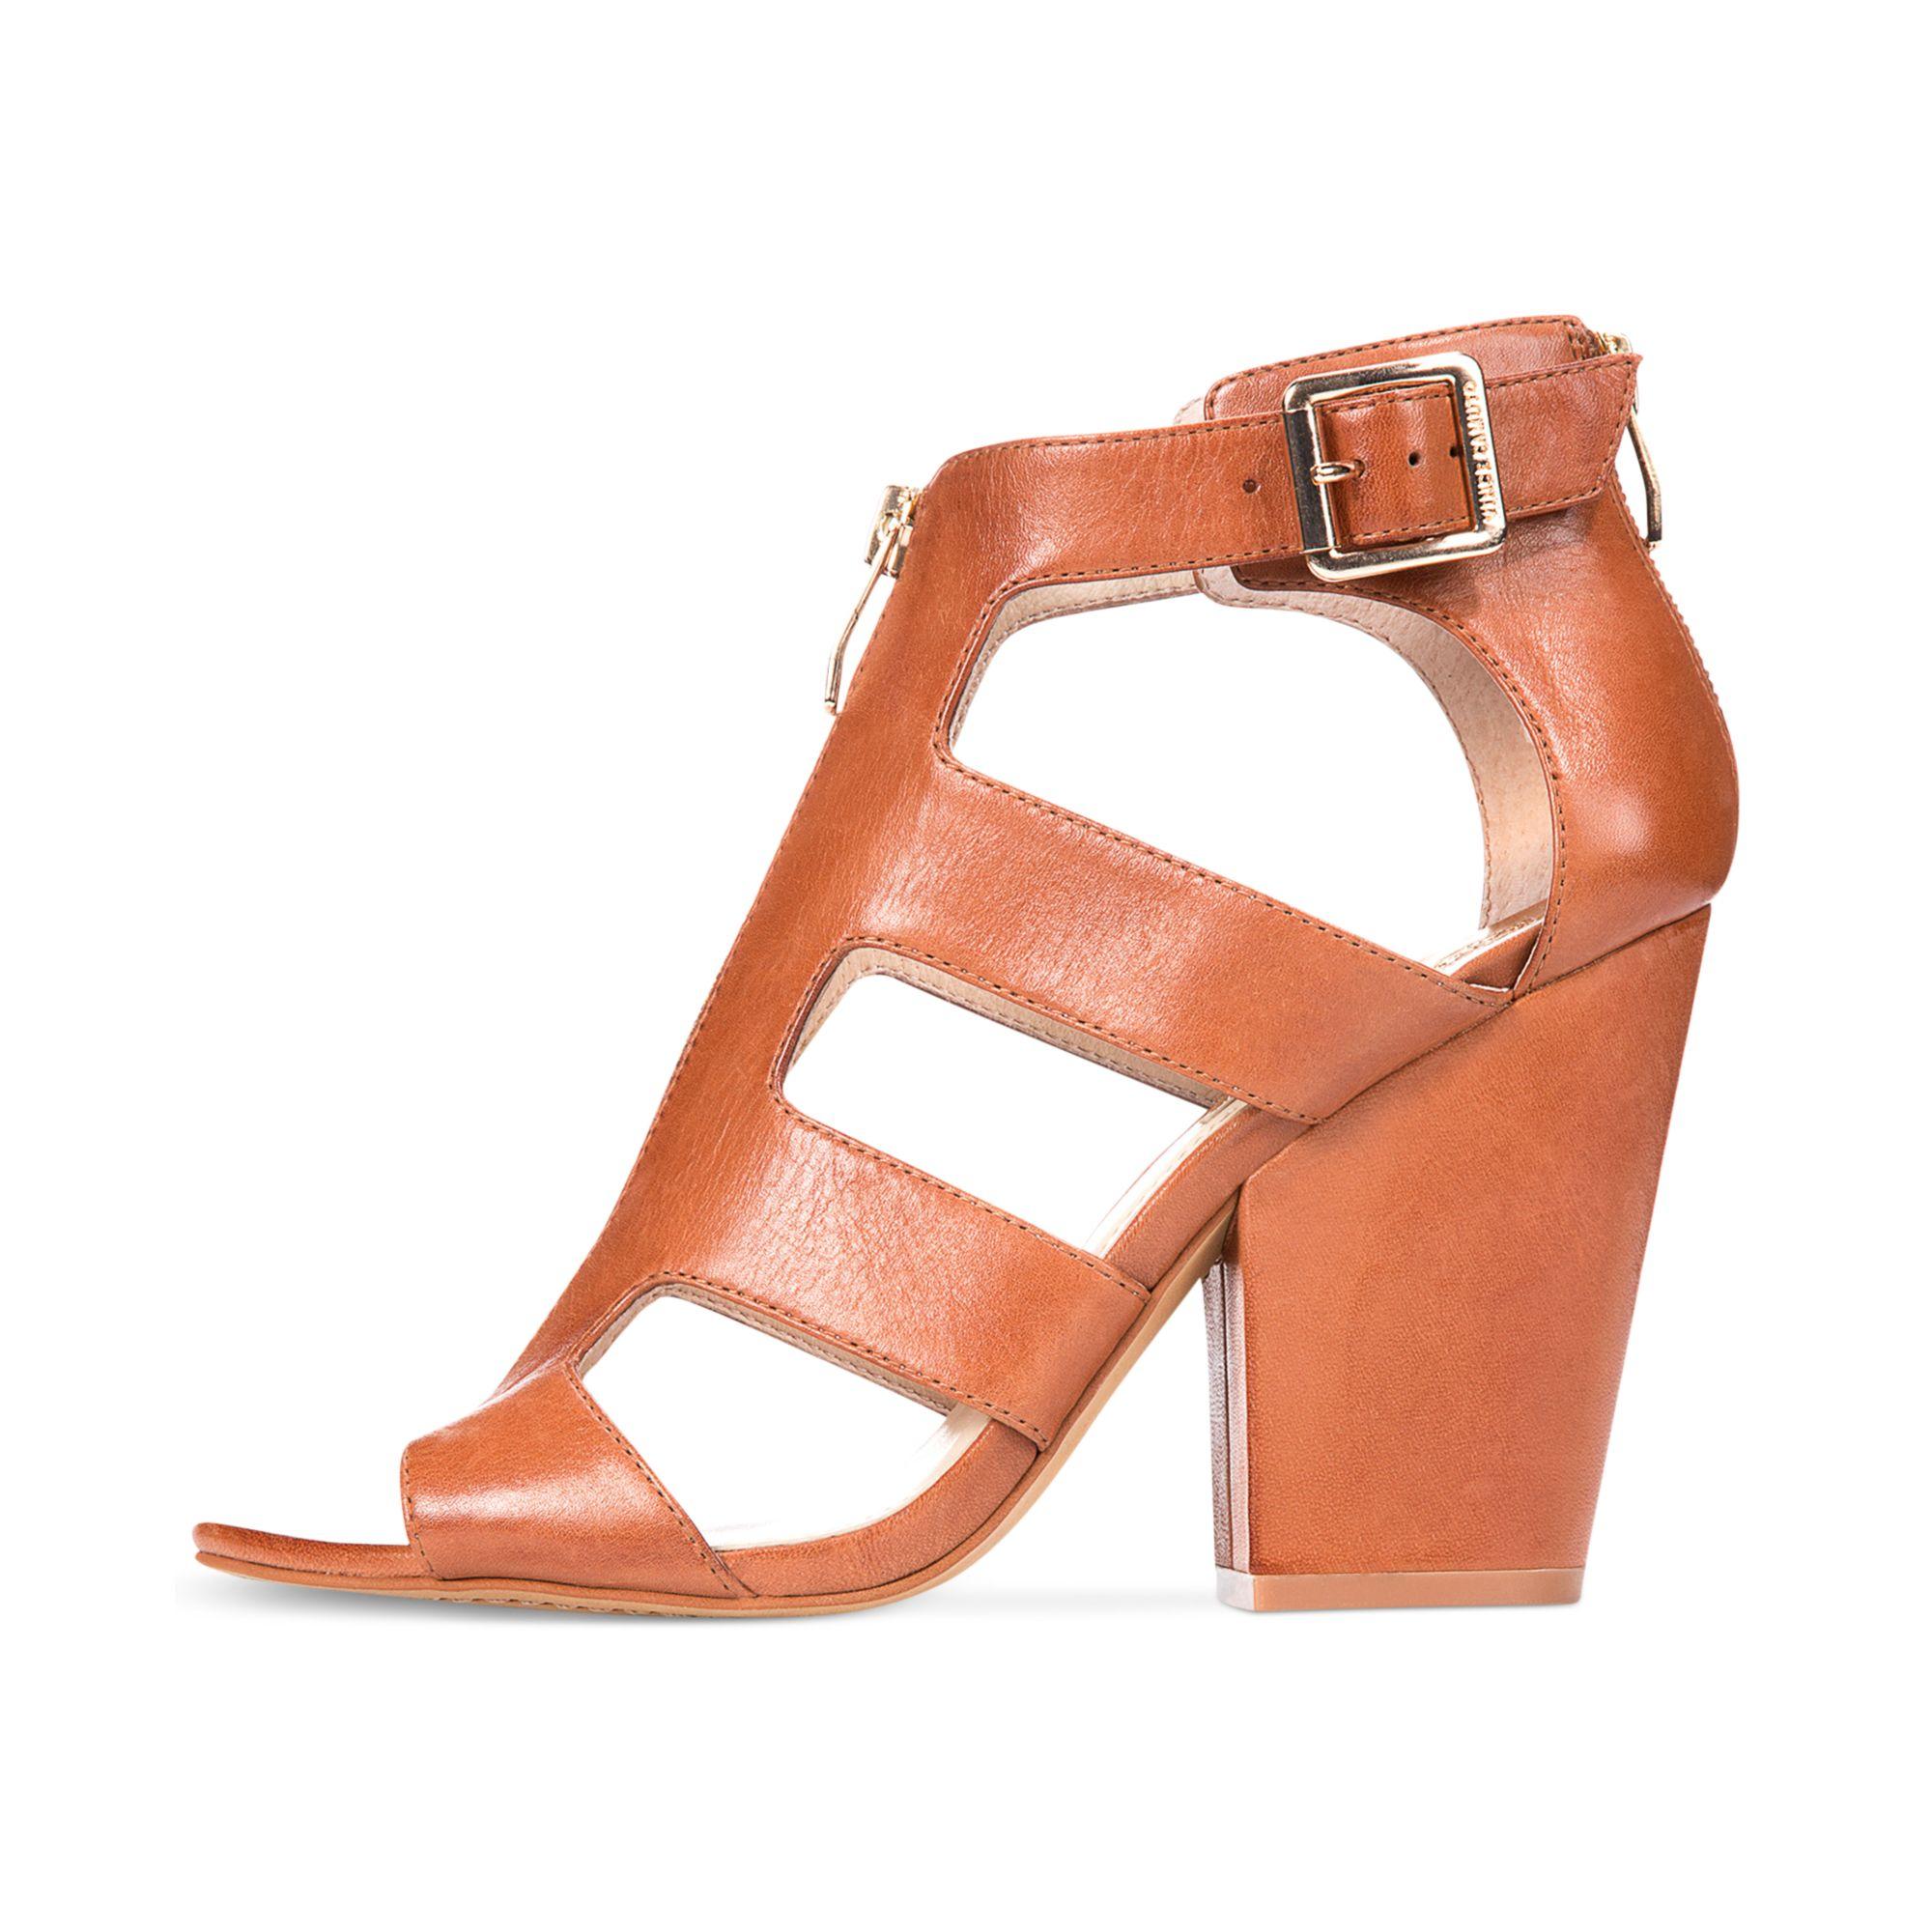 Lyst Vince Camuto Marleau Block Heel Sandals In Brown